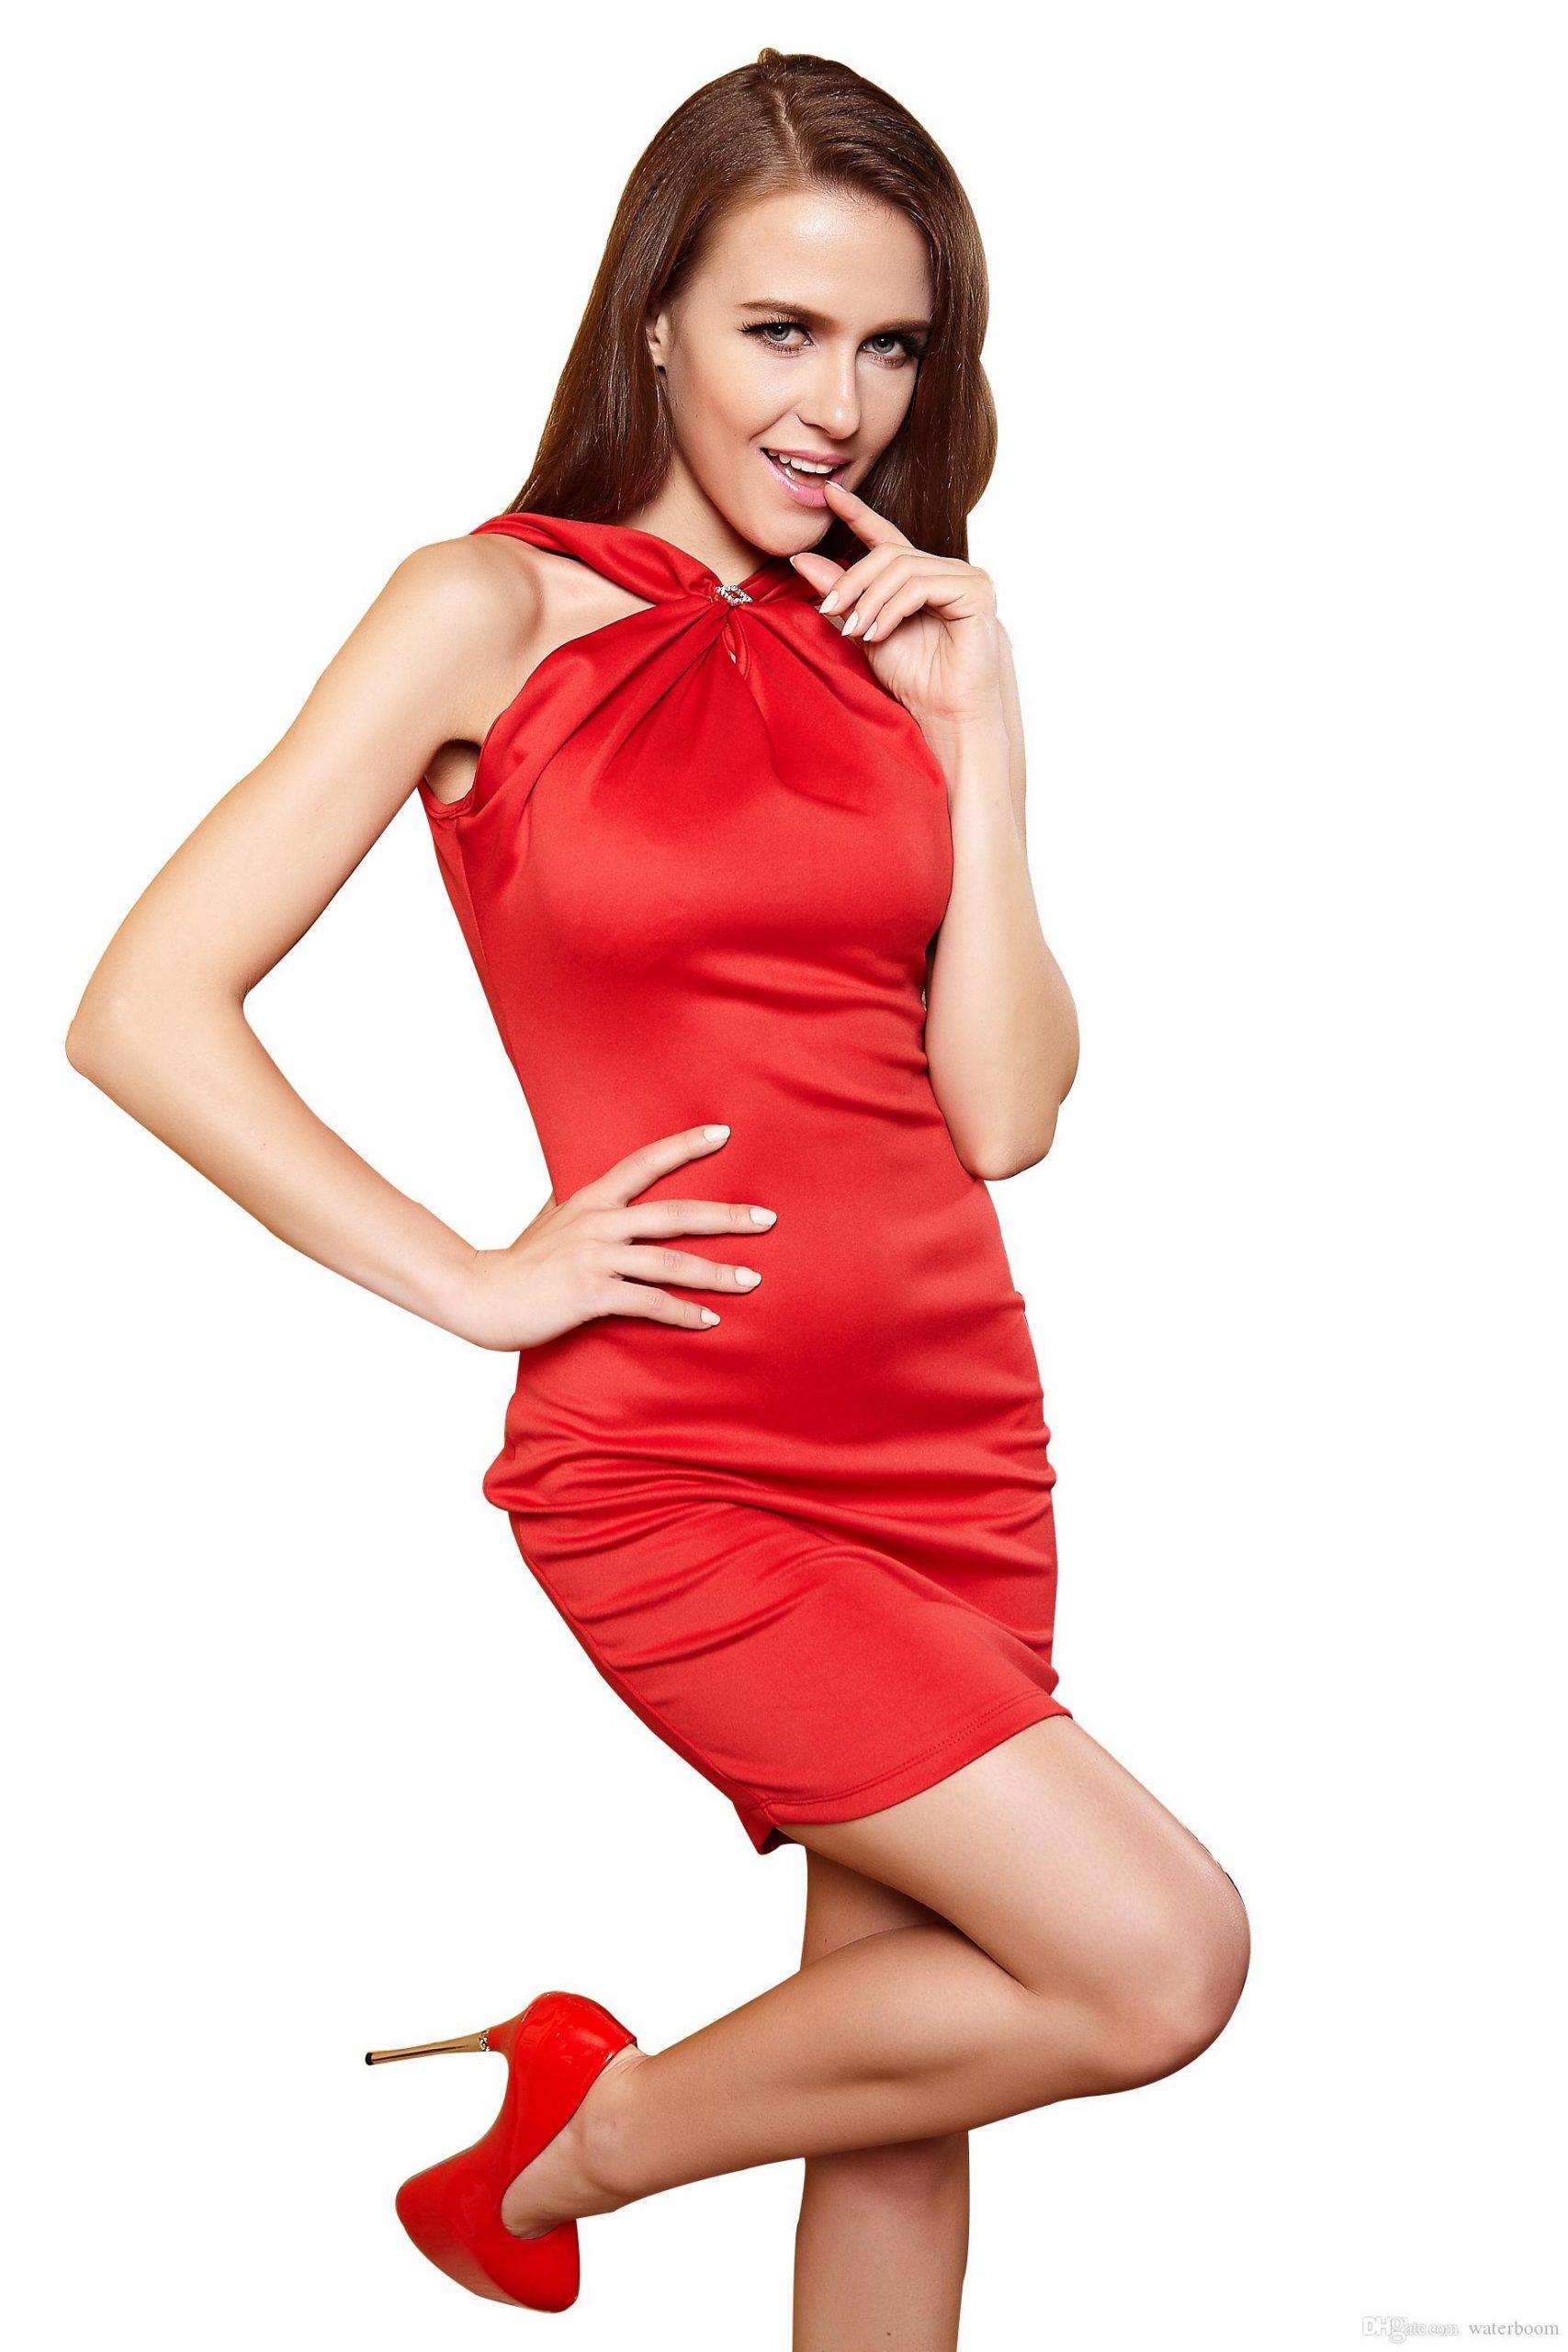 Kreativ Abendkleid Unterwäsche Spezialgebiet10 Wunderbar Abendkleid Unterwäsche Boutique